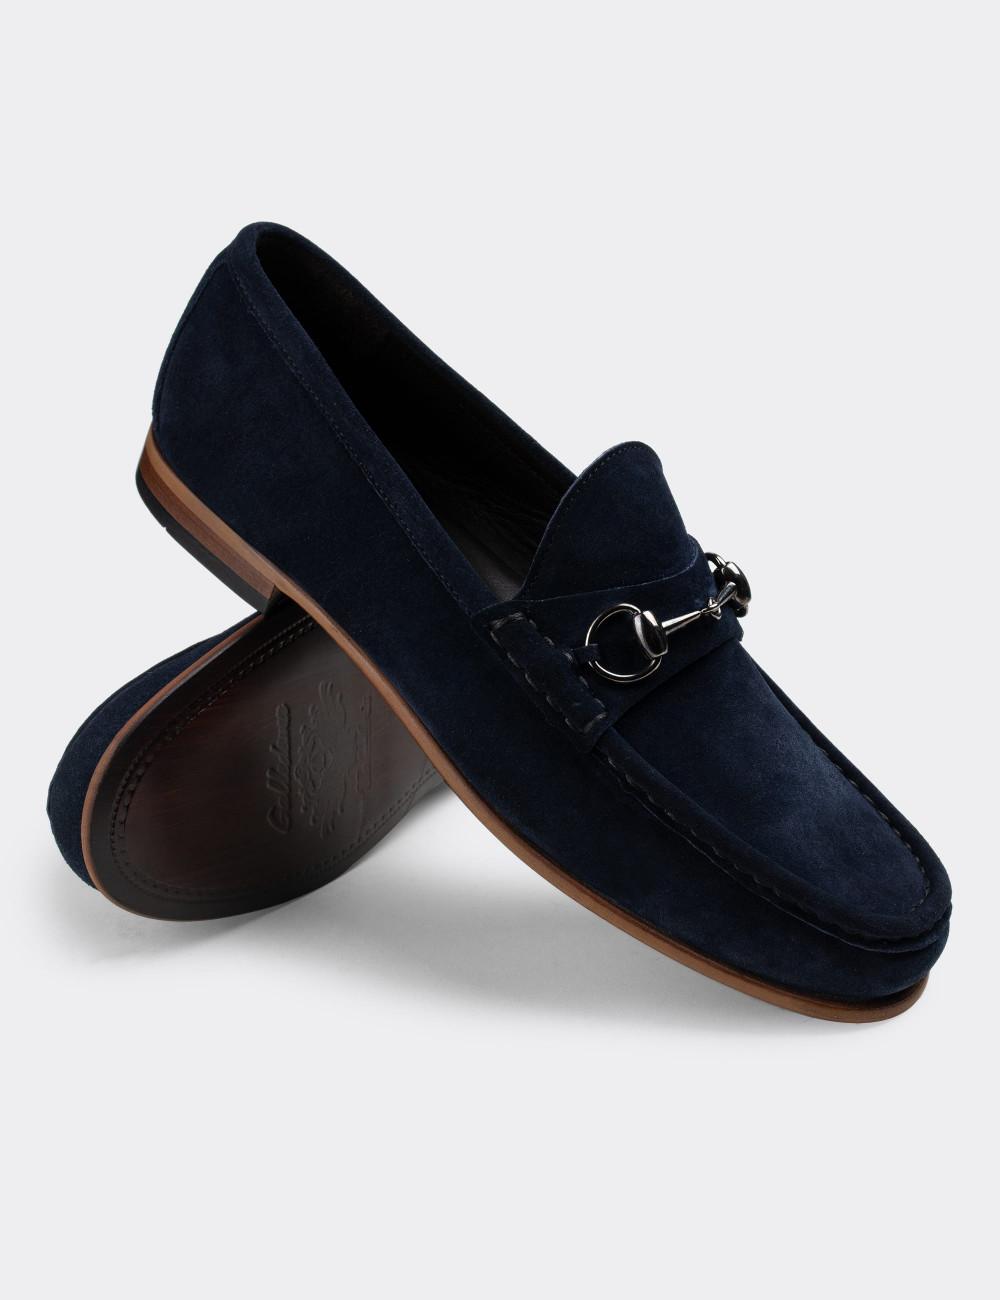 Hakiki Süet Lacivert Loafer Erkek Ayakkabı - 01649MLCVC05